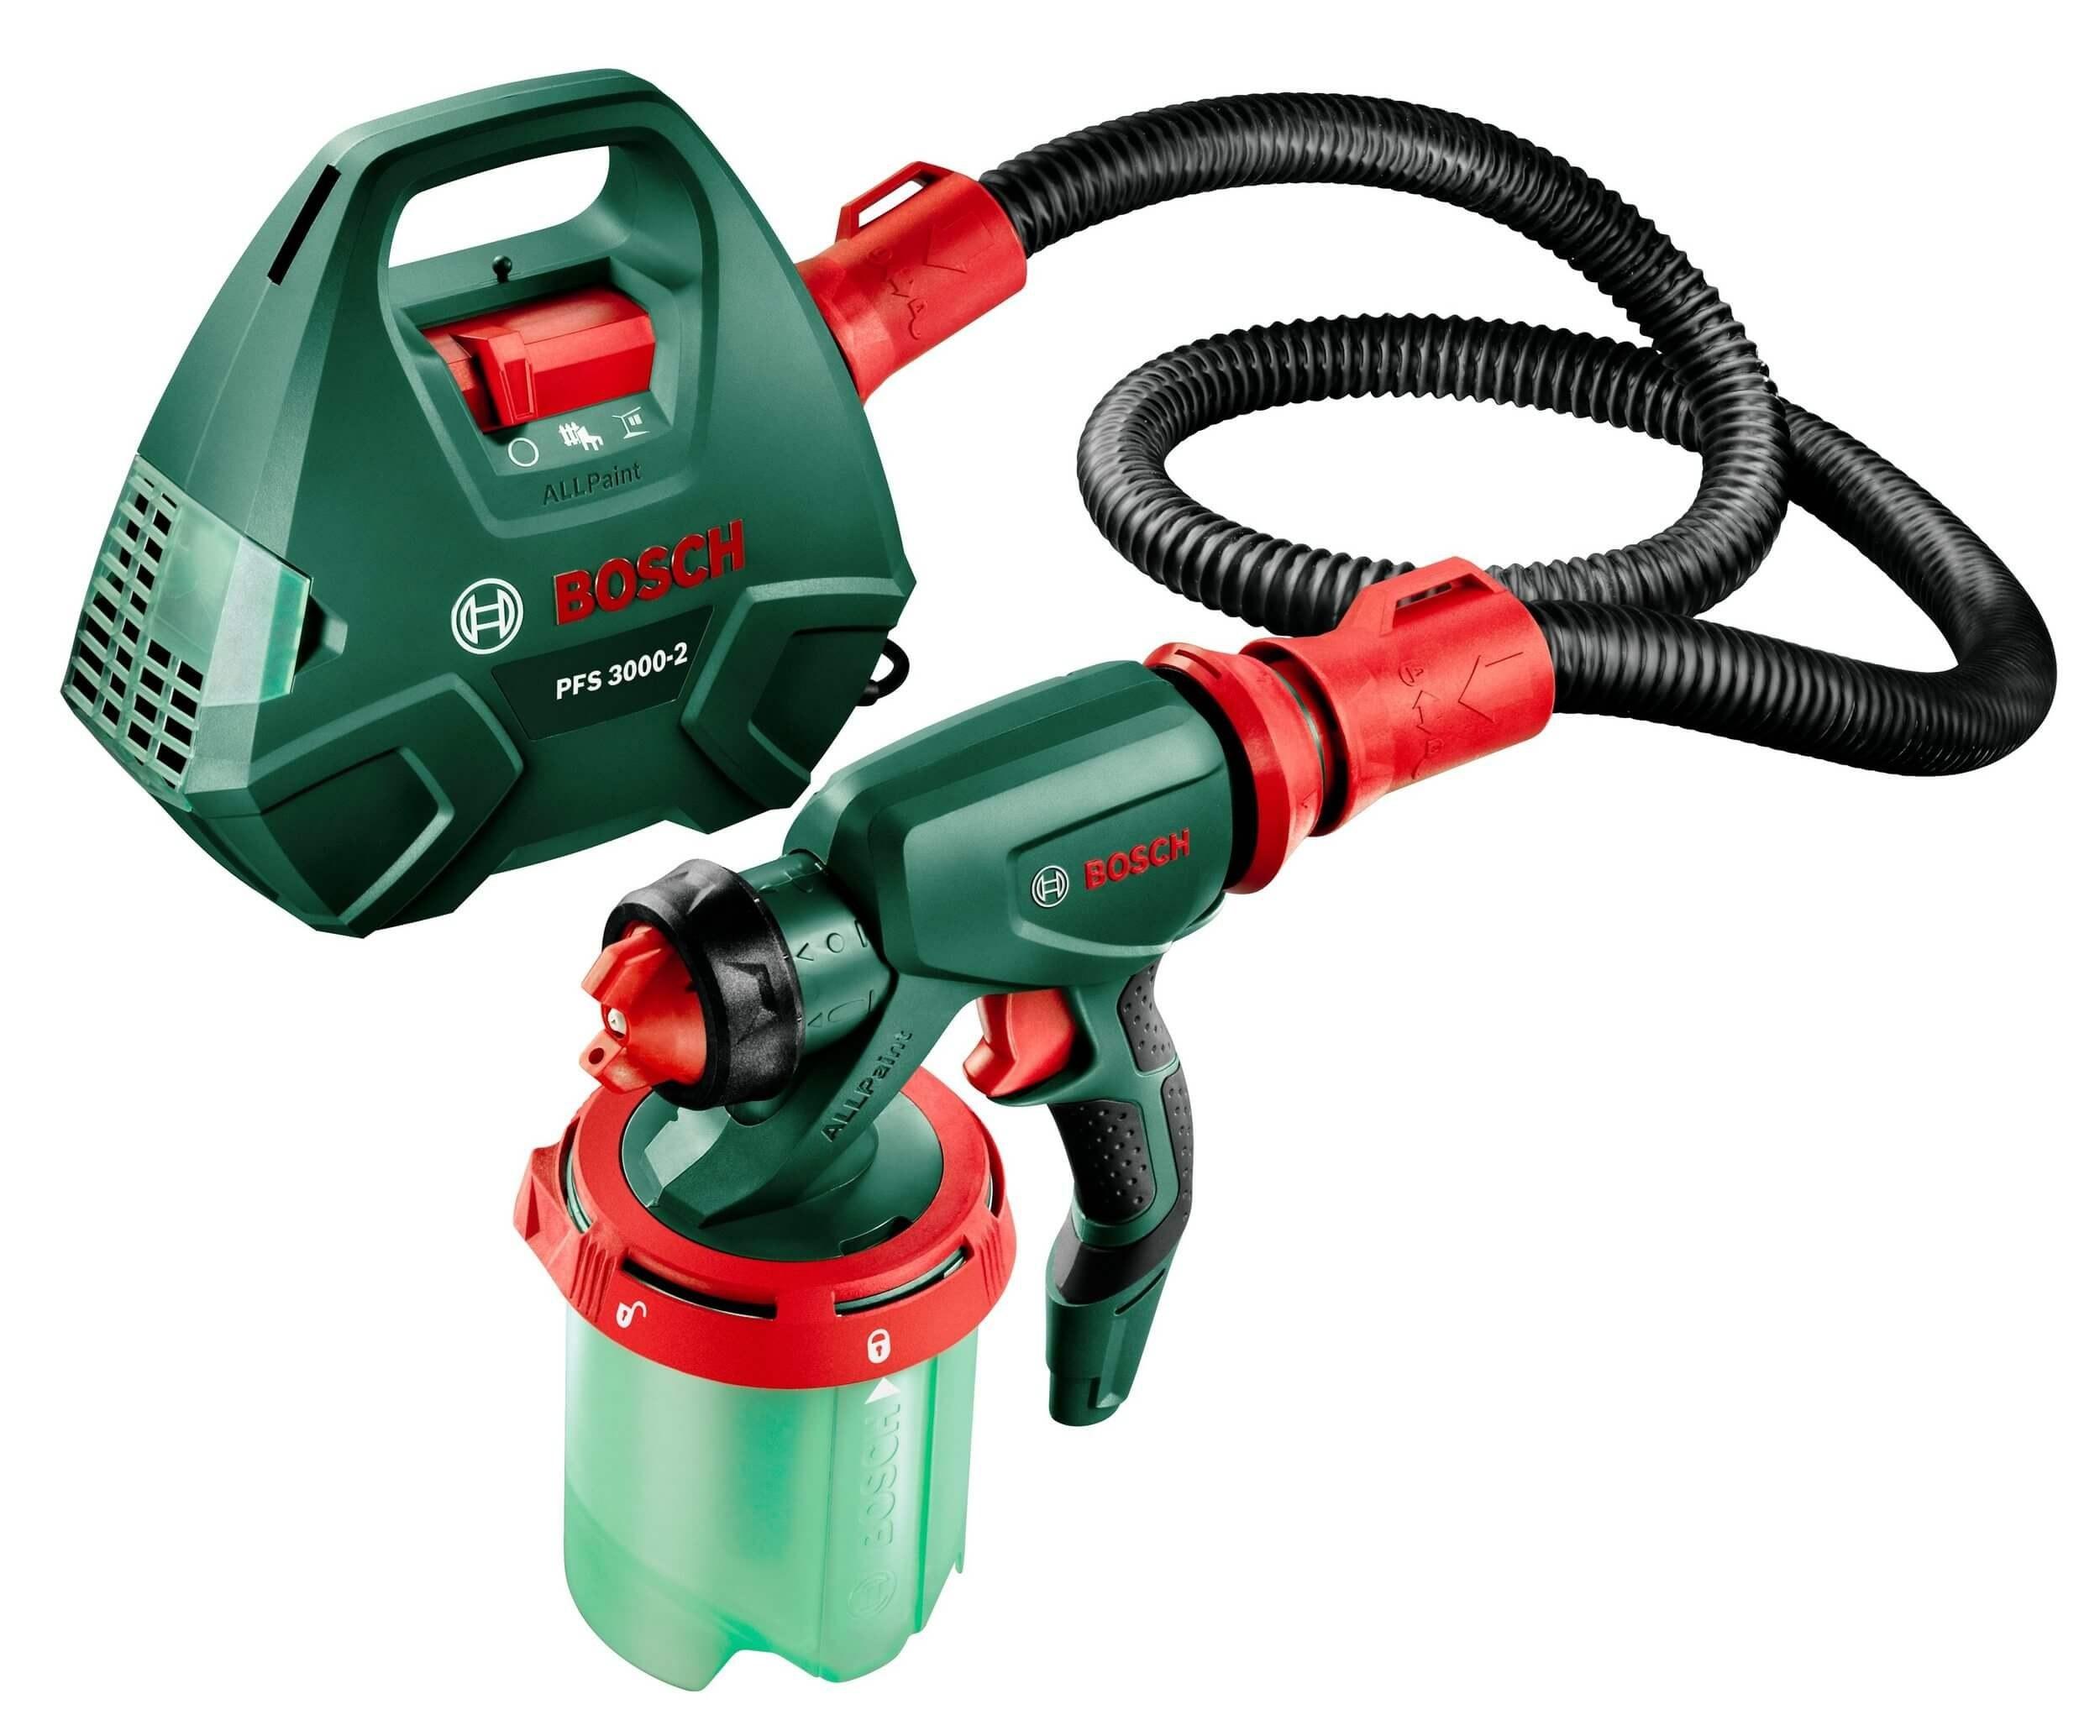 پیستوله برقی بوش مدل PFS 3000-2 | Bosch PFS 3000-2 Electrical Spray Gun